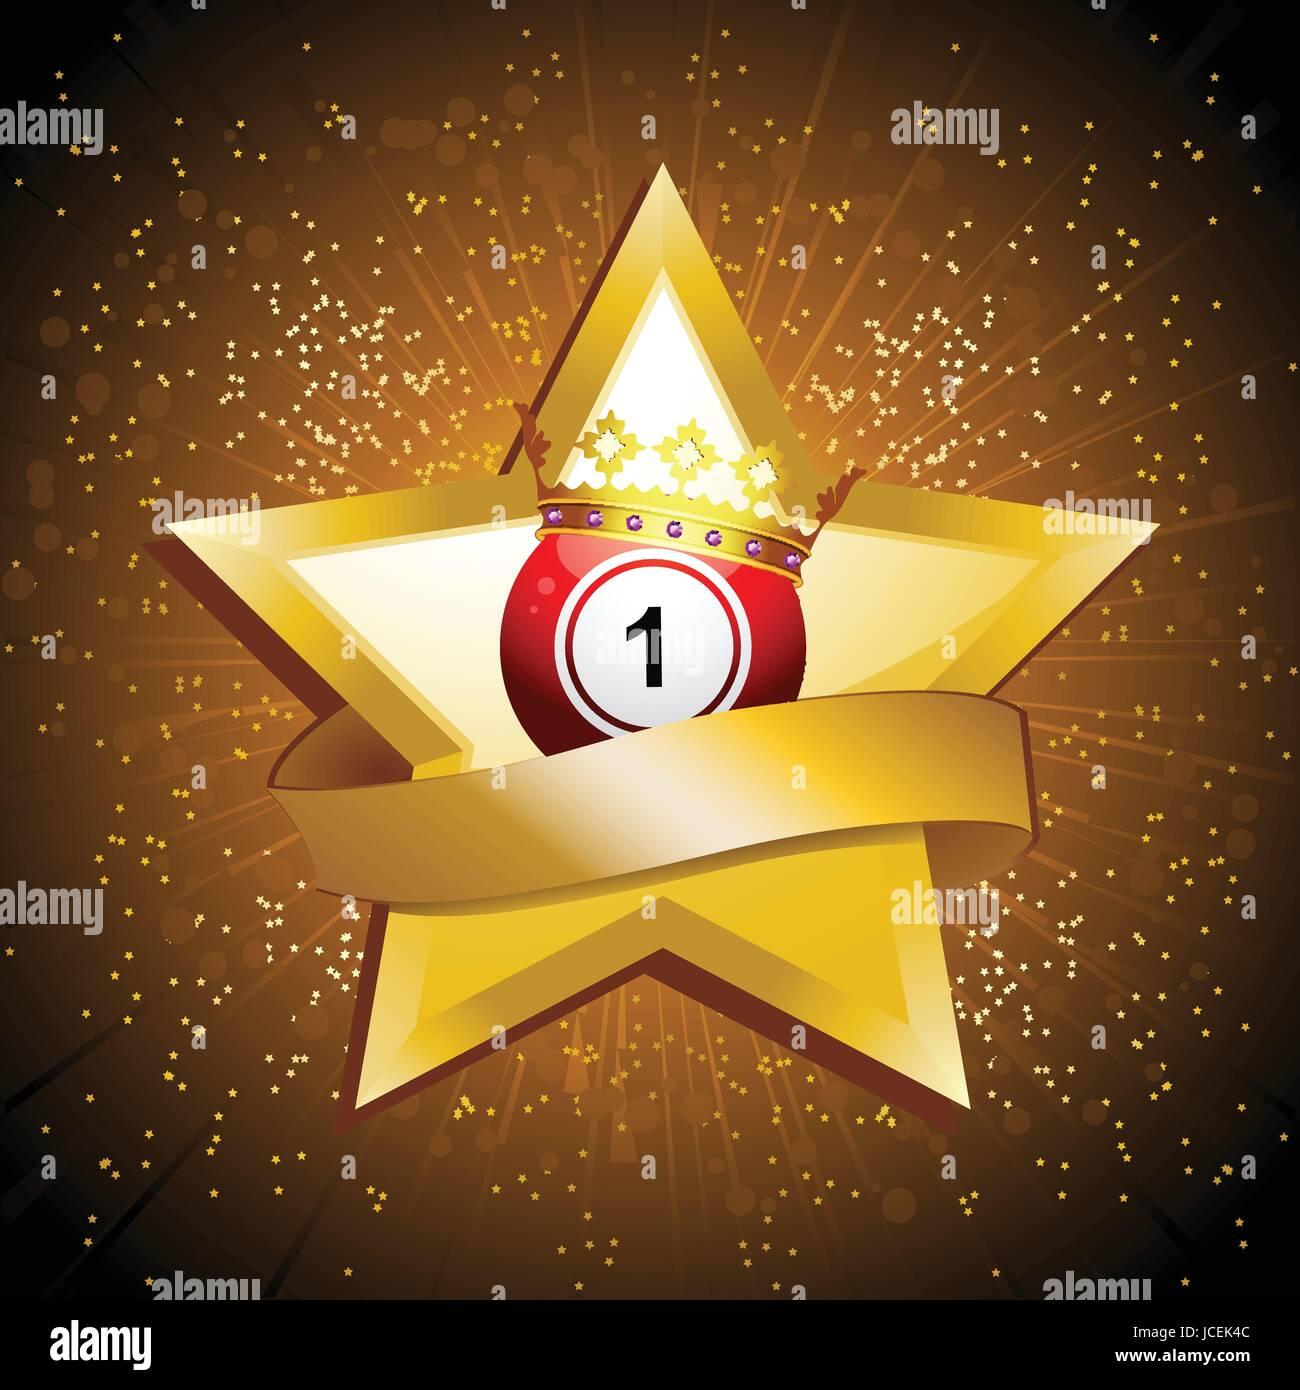 Roten Bingo Lotto Ball Nummer 1 mit Krone auf goldenen Stern mit leeren Banner über goldene Sterne platzen Stockbild